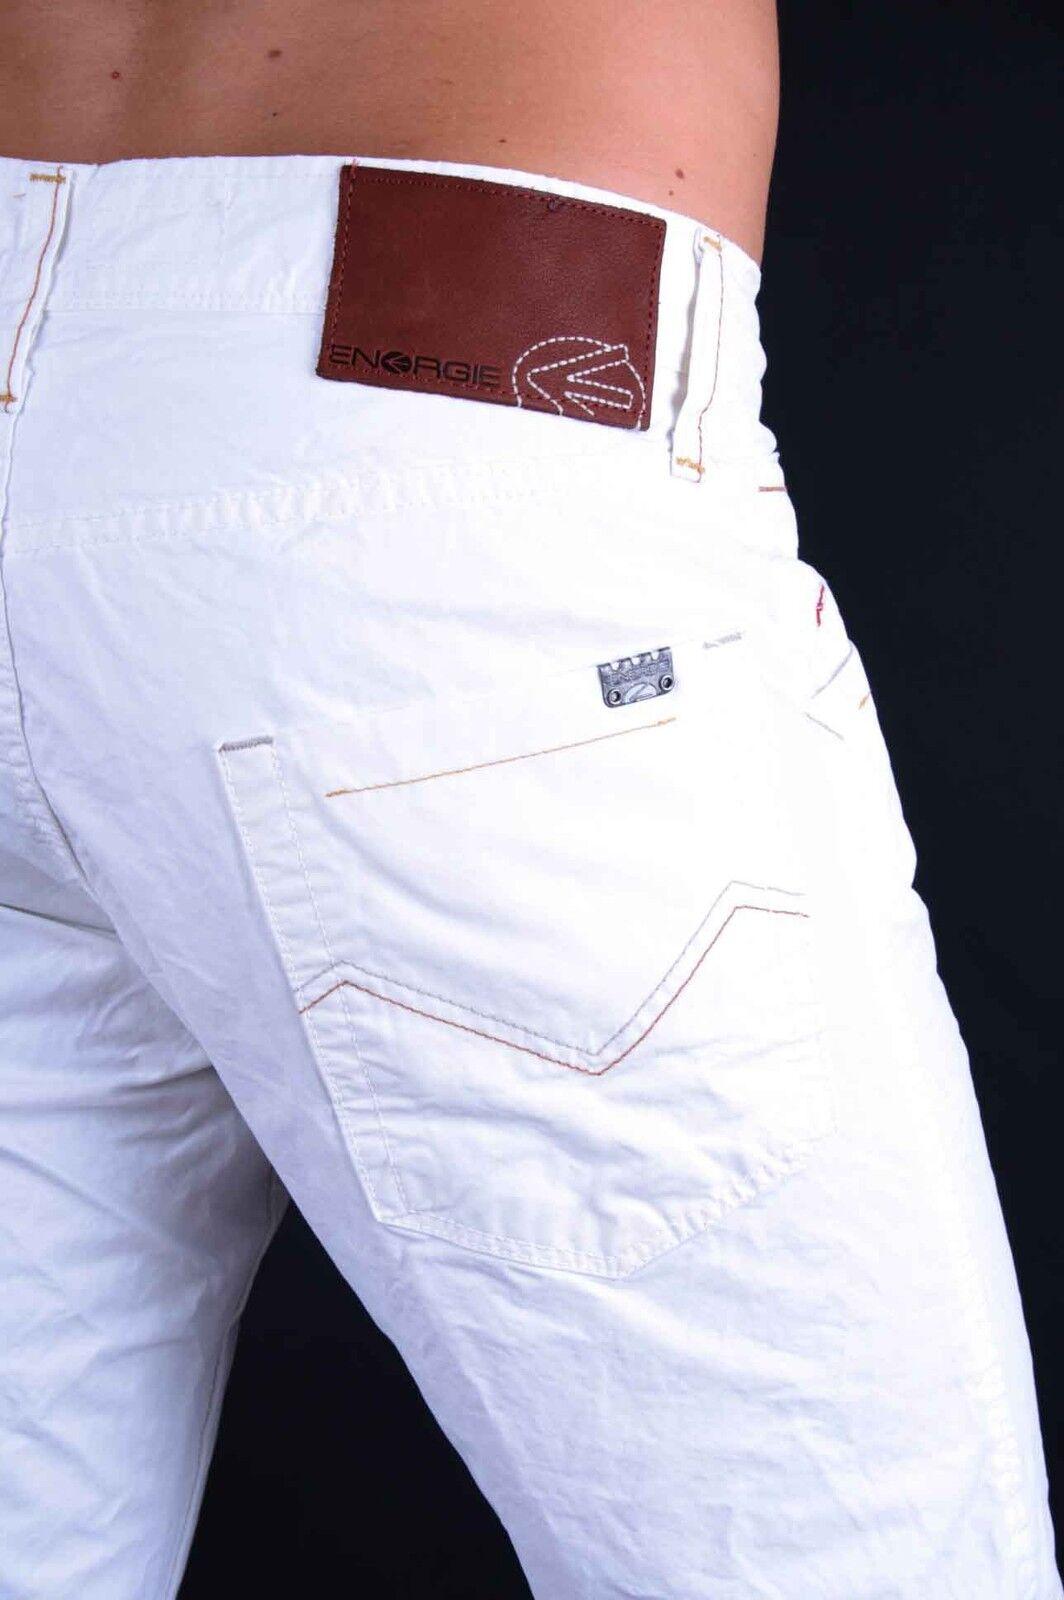 Energie Pantalones Vaqueros de Hombre Tony Champa blancoo T00257   cómodamente